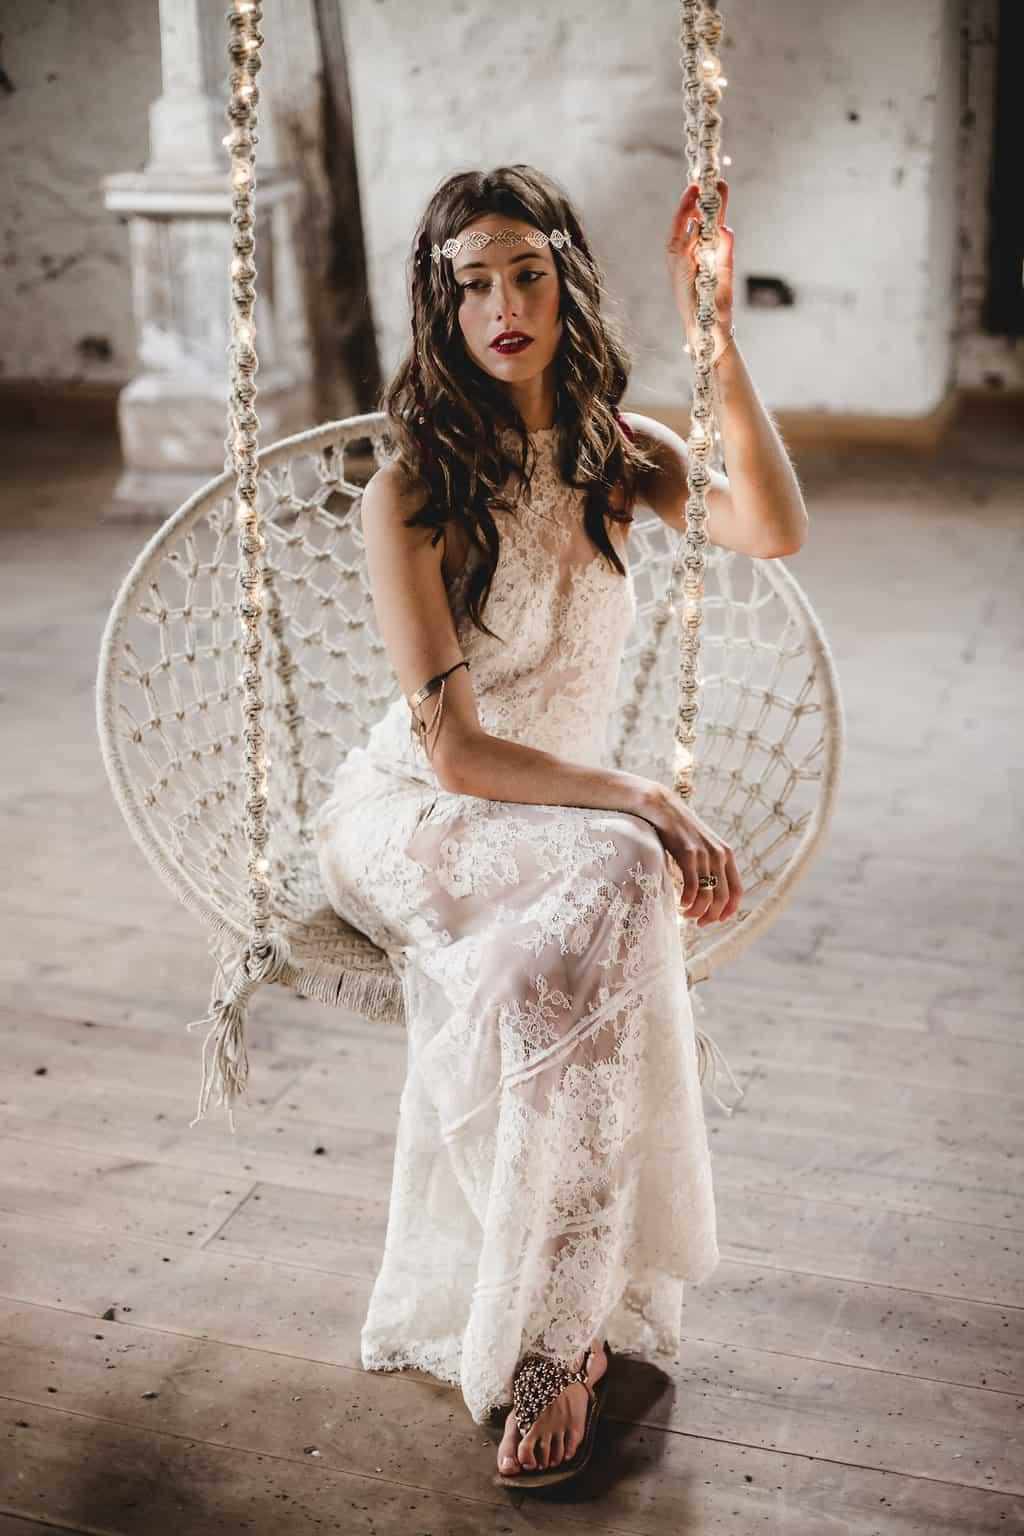 Hochzeitsinspiration: Boho Finesse, Marsala-Gold, Brautfrisur mit offenen Haaren und Haarschmuck | marygoesround.de